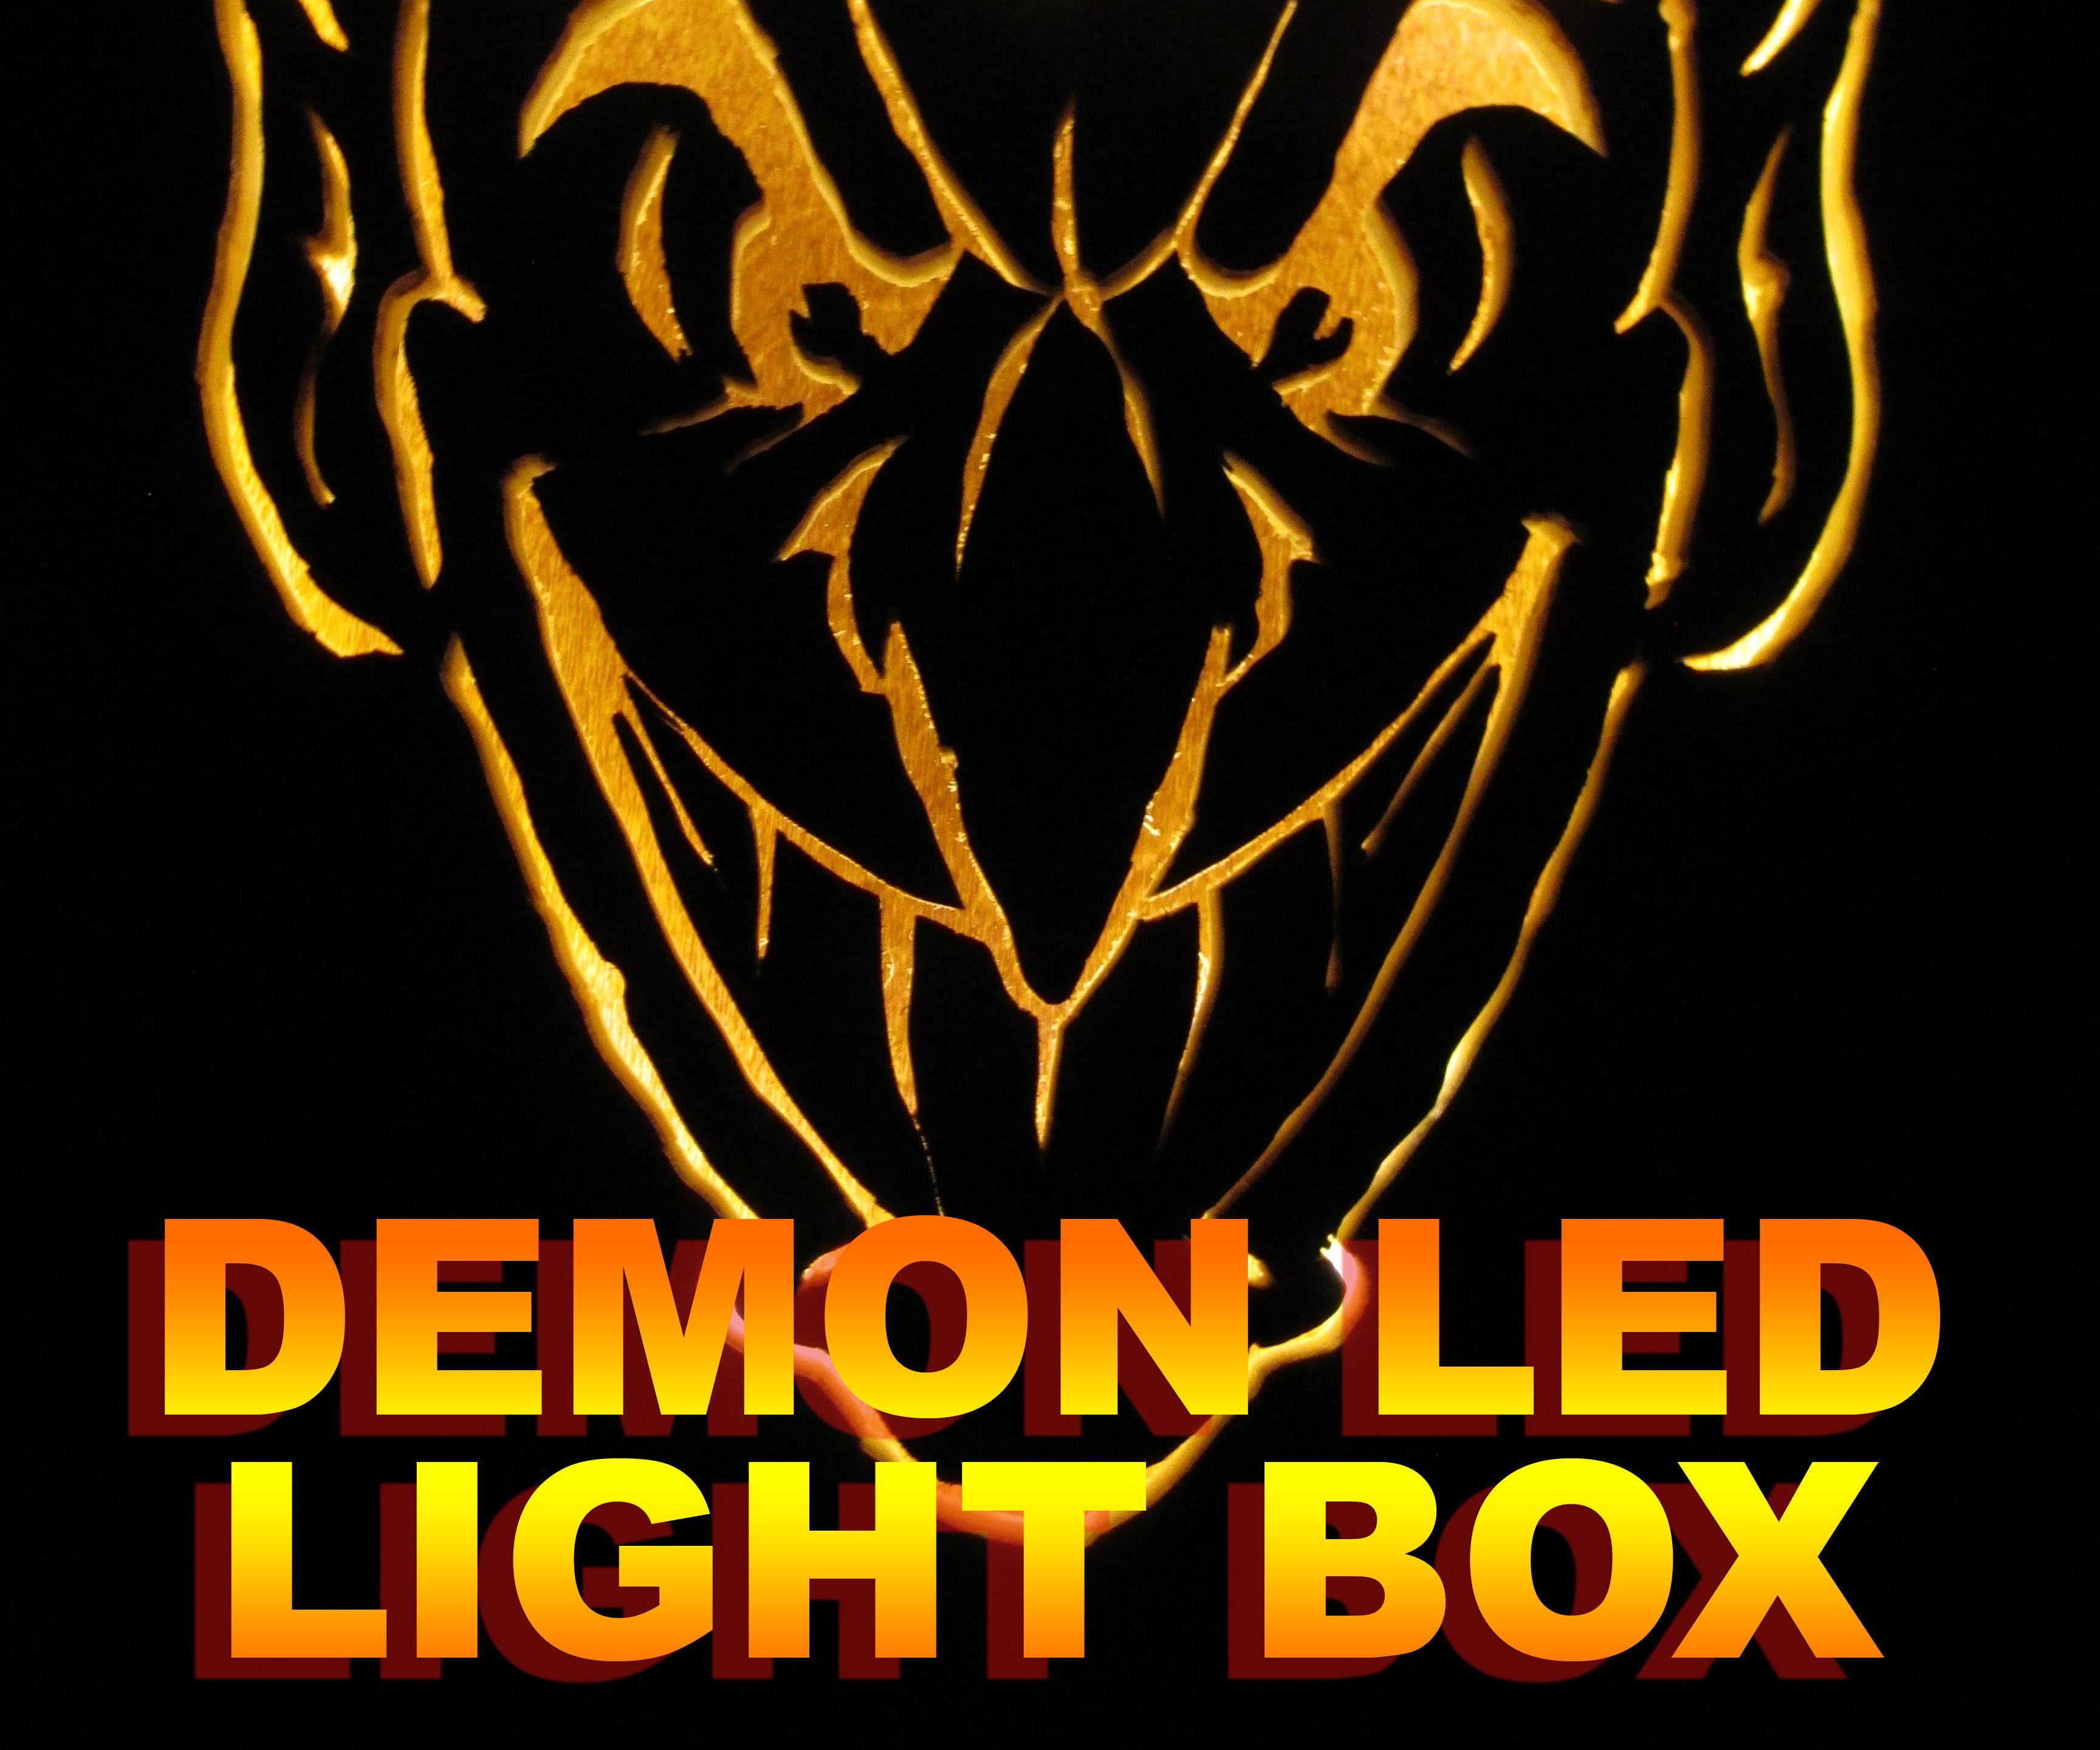 Demon LED Light Box